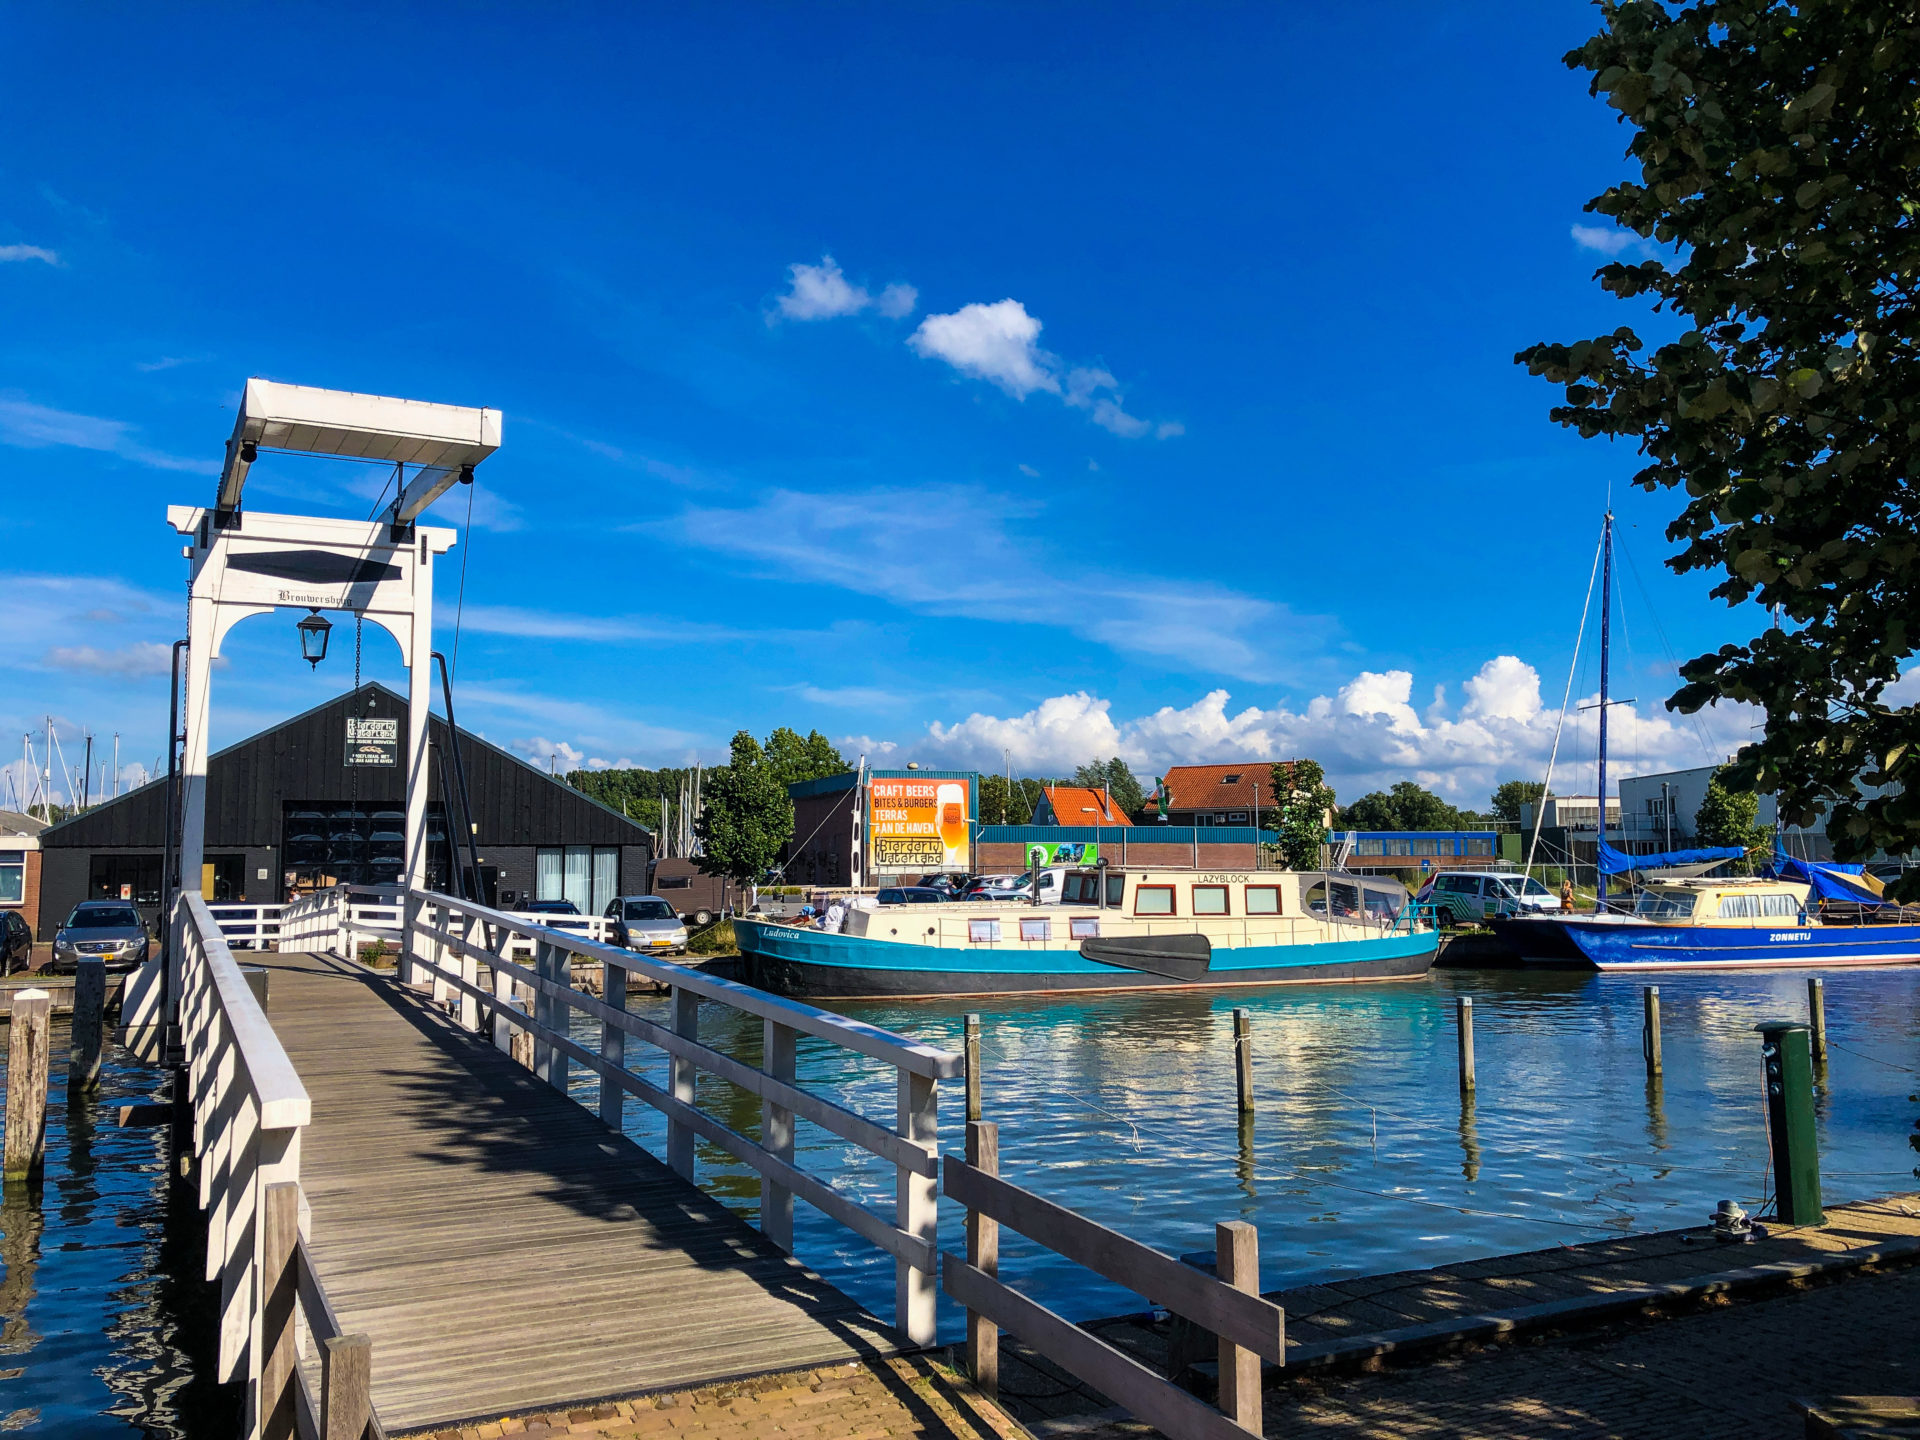 Holzbrücke am Hafen von Monnickendam mit Wasser